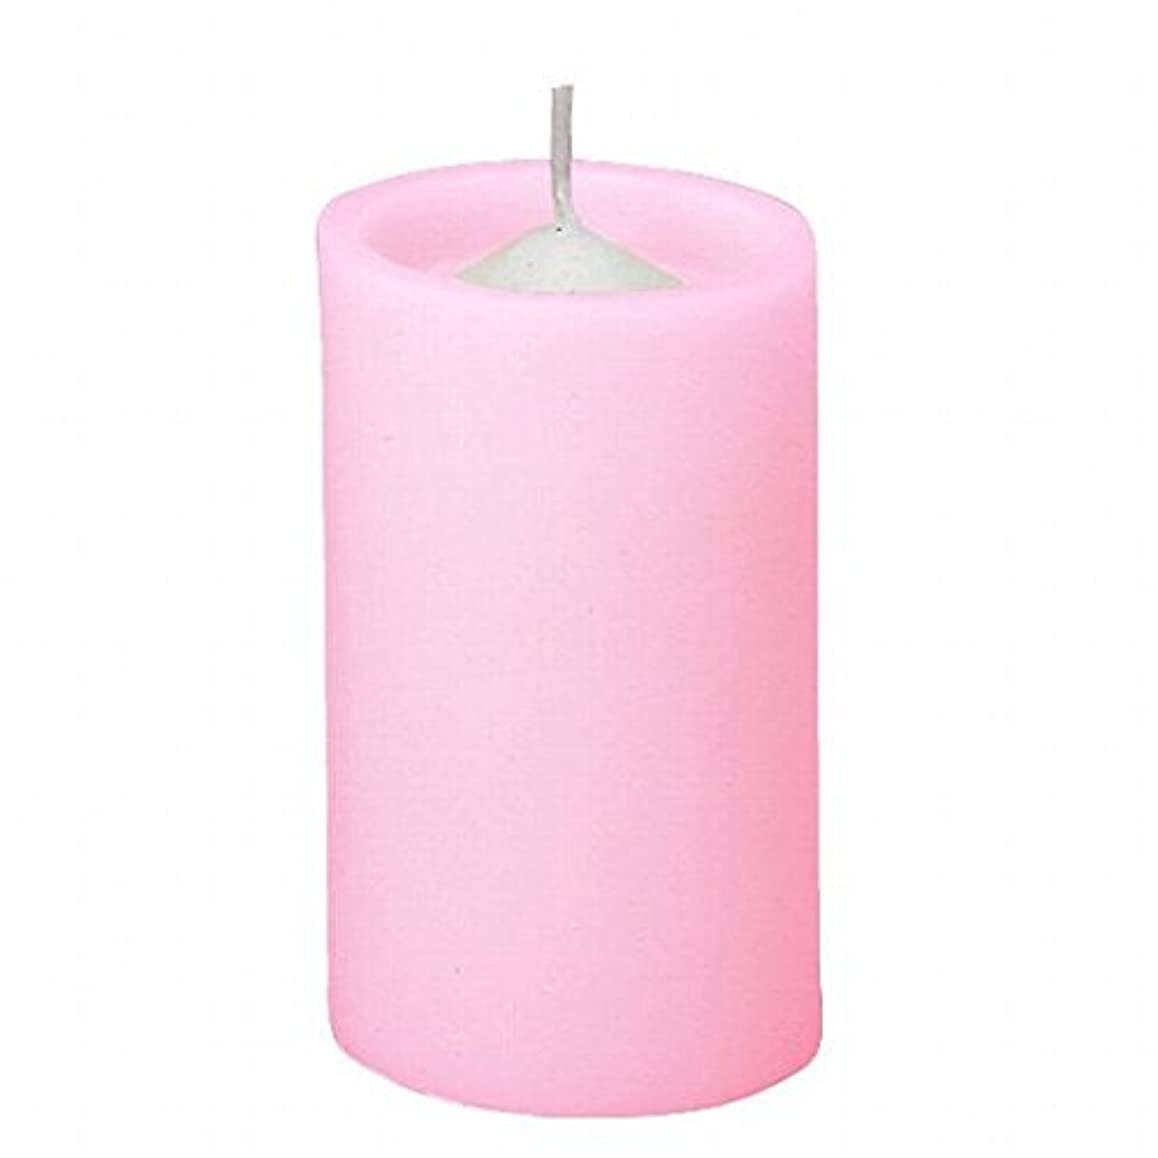 理解おばあさん創始者ヤンキーキャンドル(YANKEE CANDLE) ロイヤルラウンド 50 「 ピンク 」